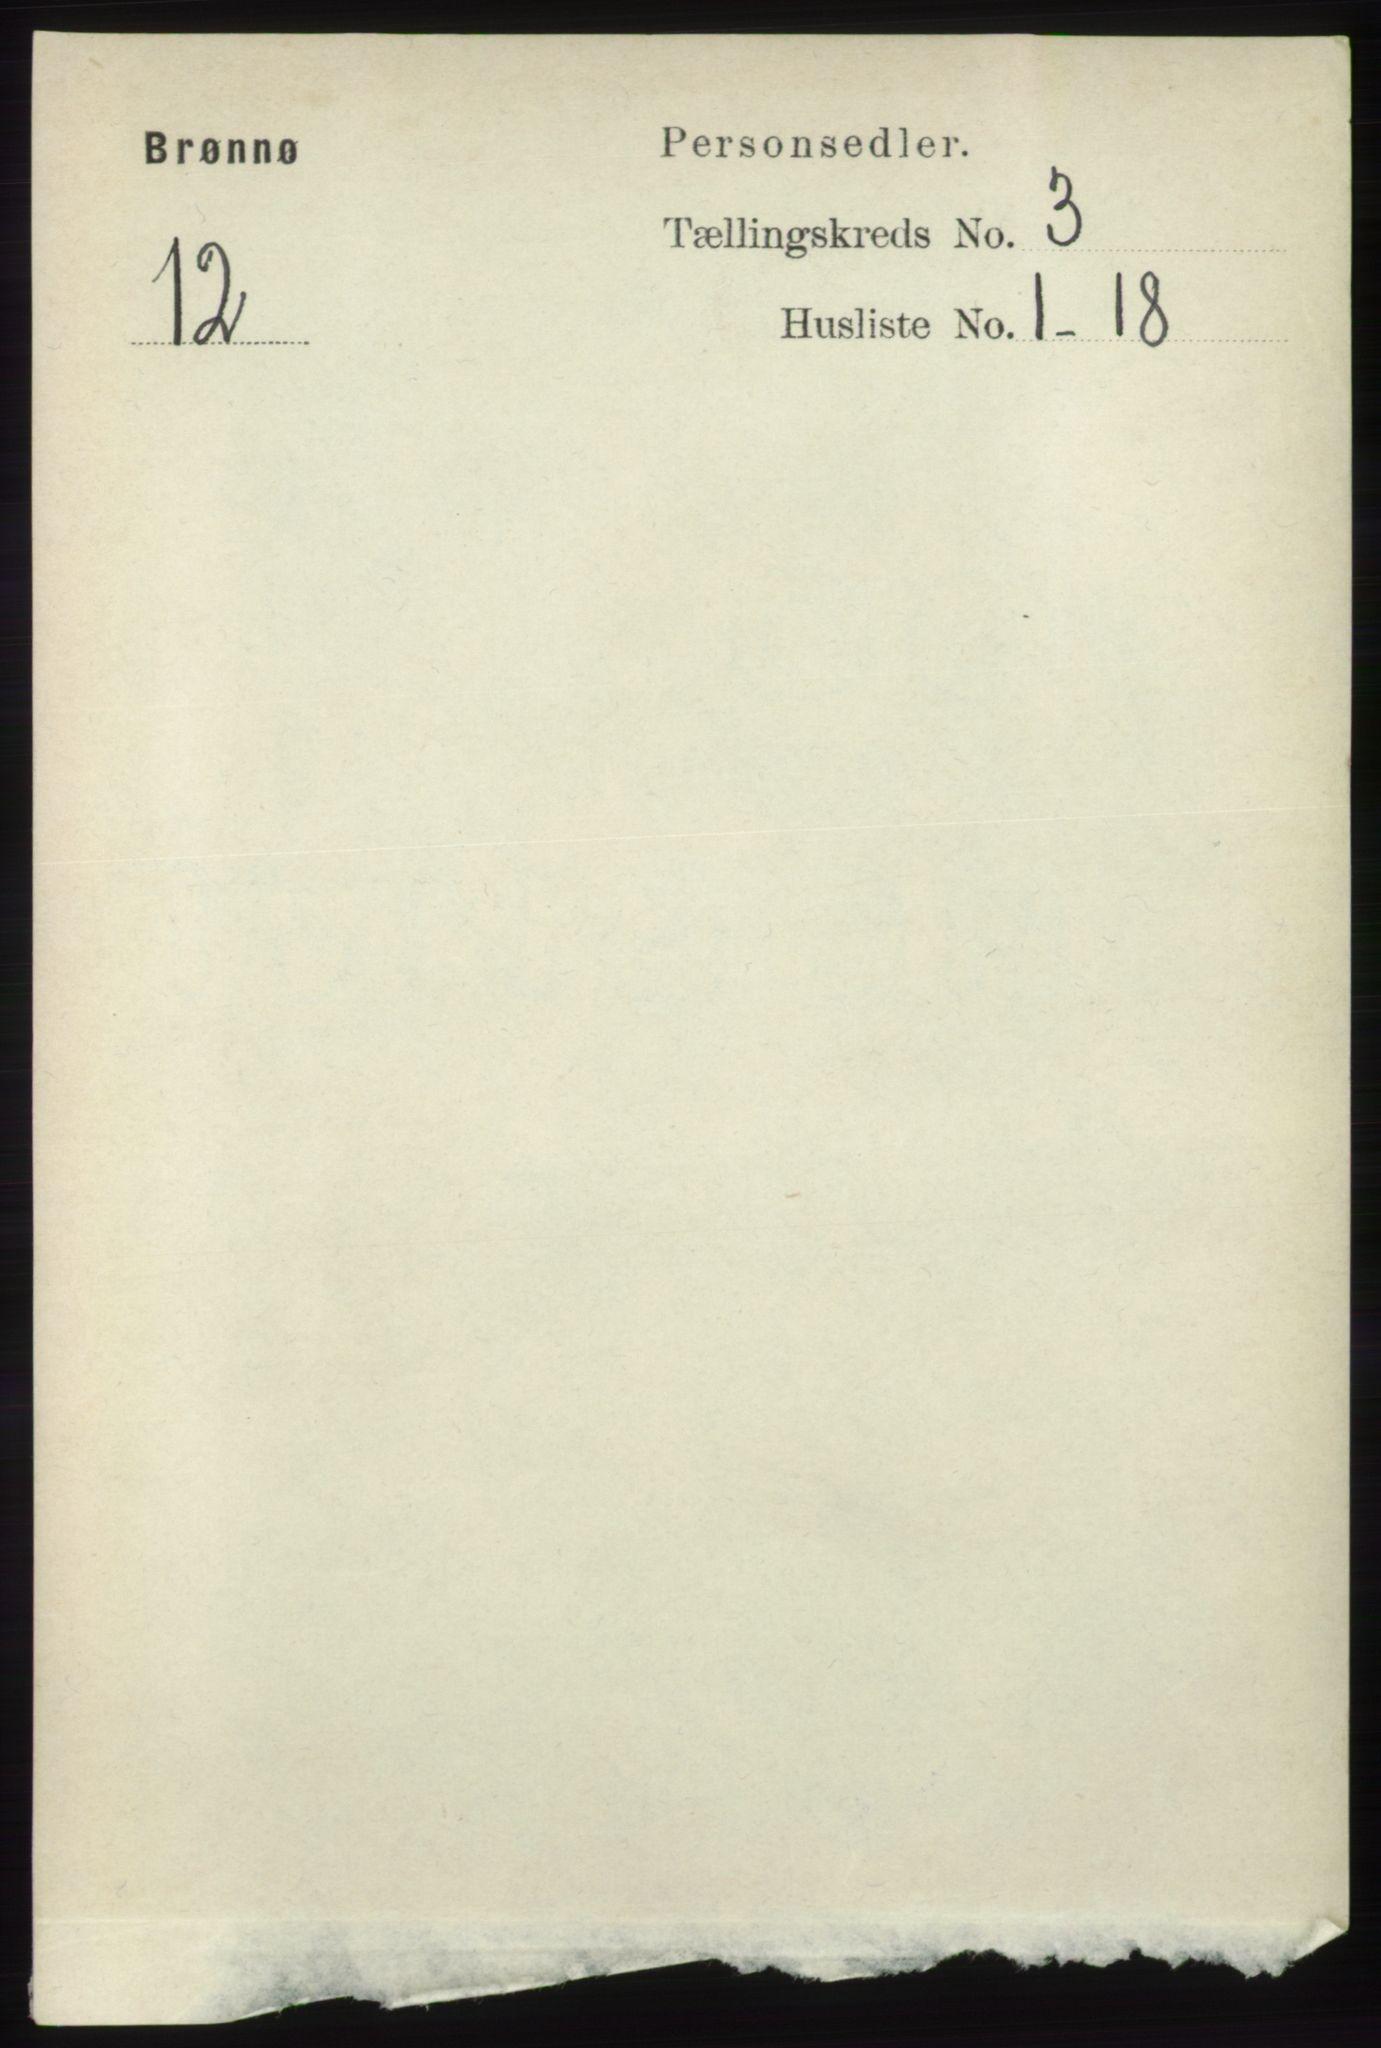 RA, Folketelling 1891 for 1814 Brønnøy herred, 1891, s. 1288